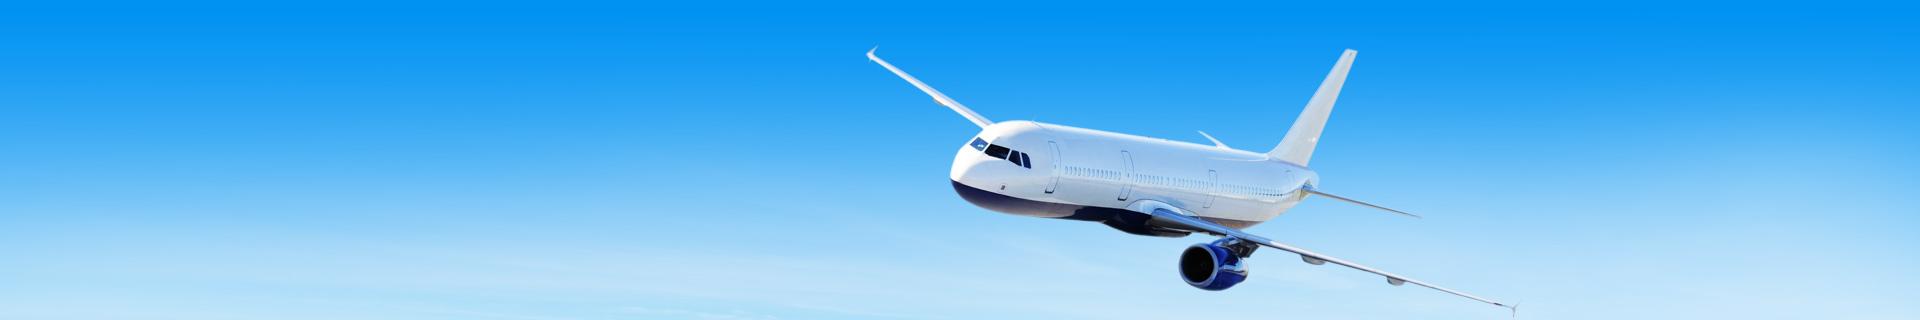 kan ik met het vliegtuig op vakantie?